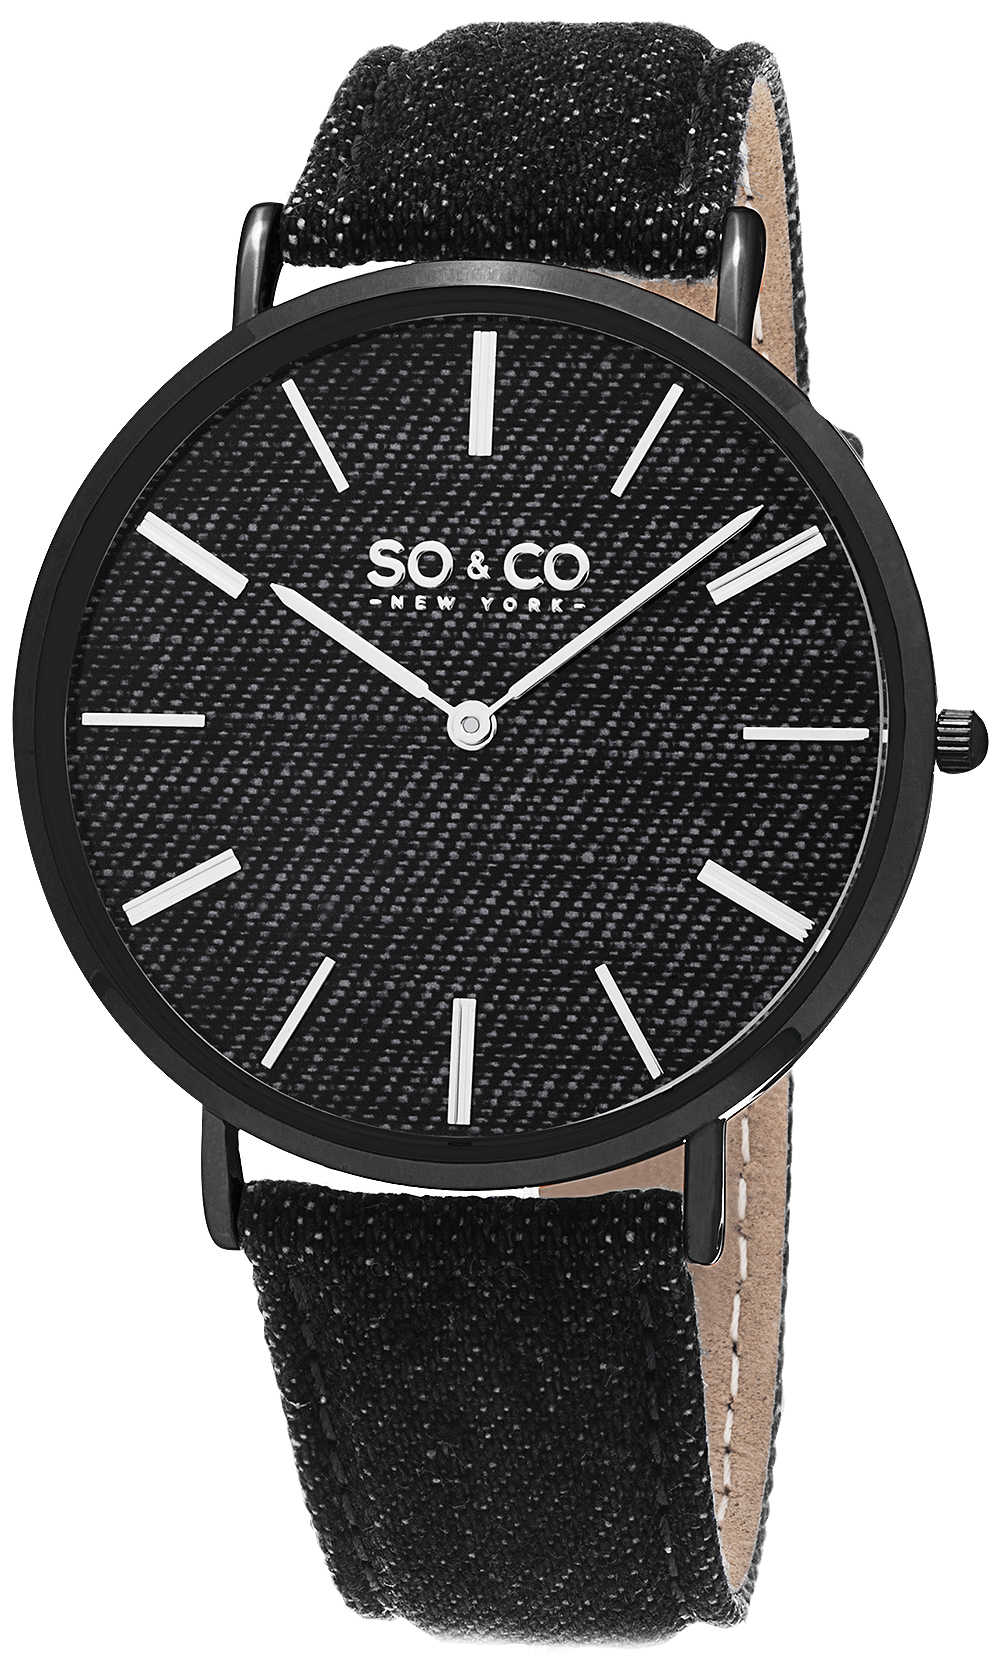 So & Co New York SoHo 5103.4 Svart/Läder Ø41 mm - So & Co New York